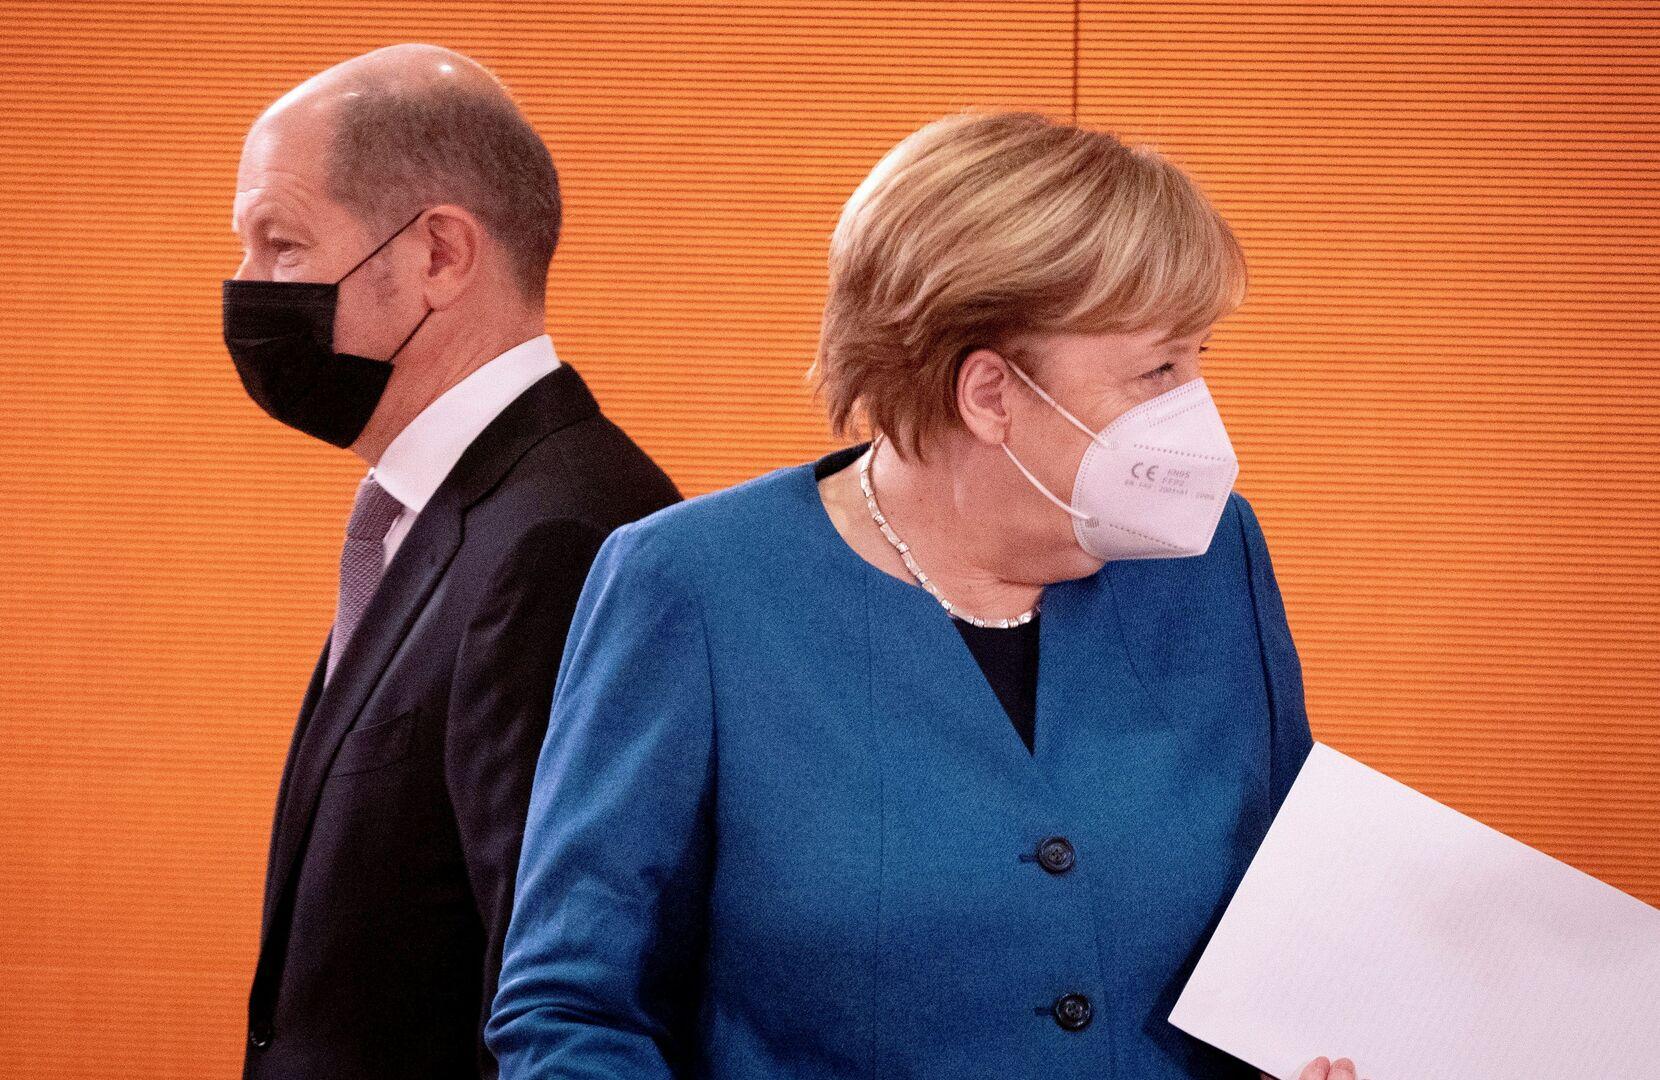 ألمانيا تزيد الحد الأدنى للأجور بالرغم من جائحة كورونا